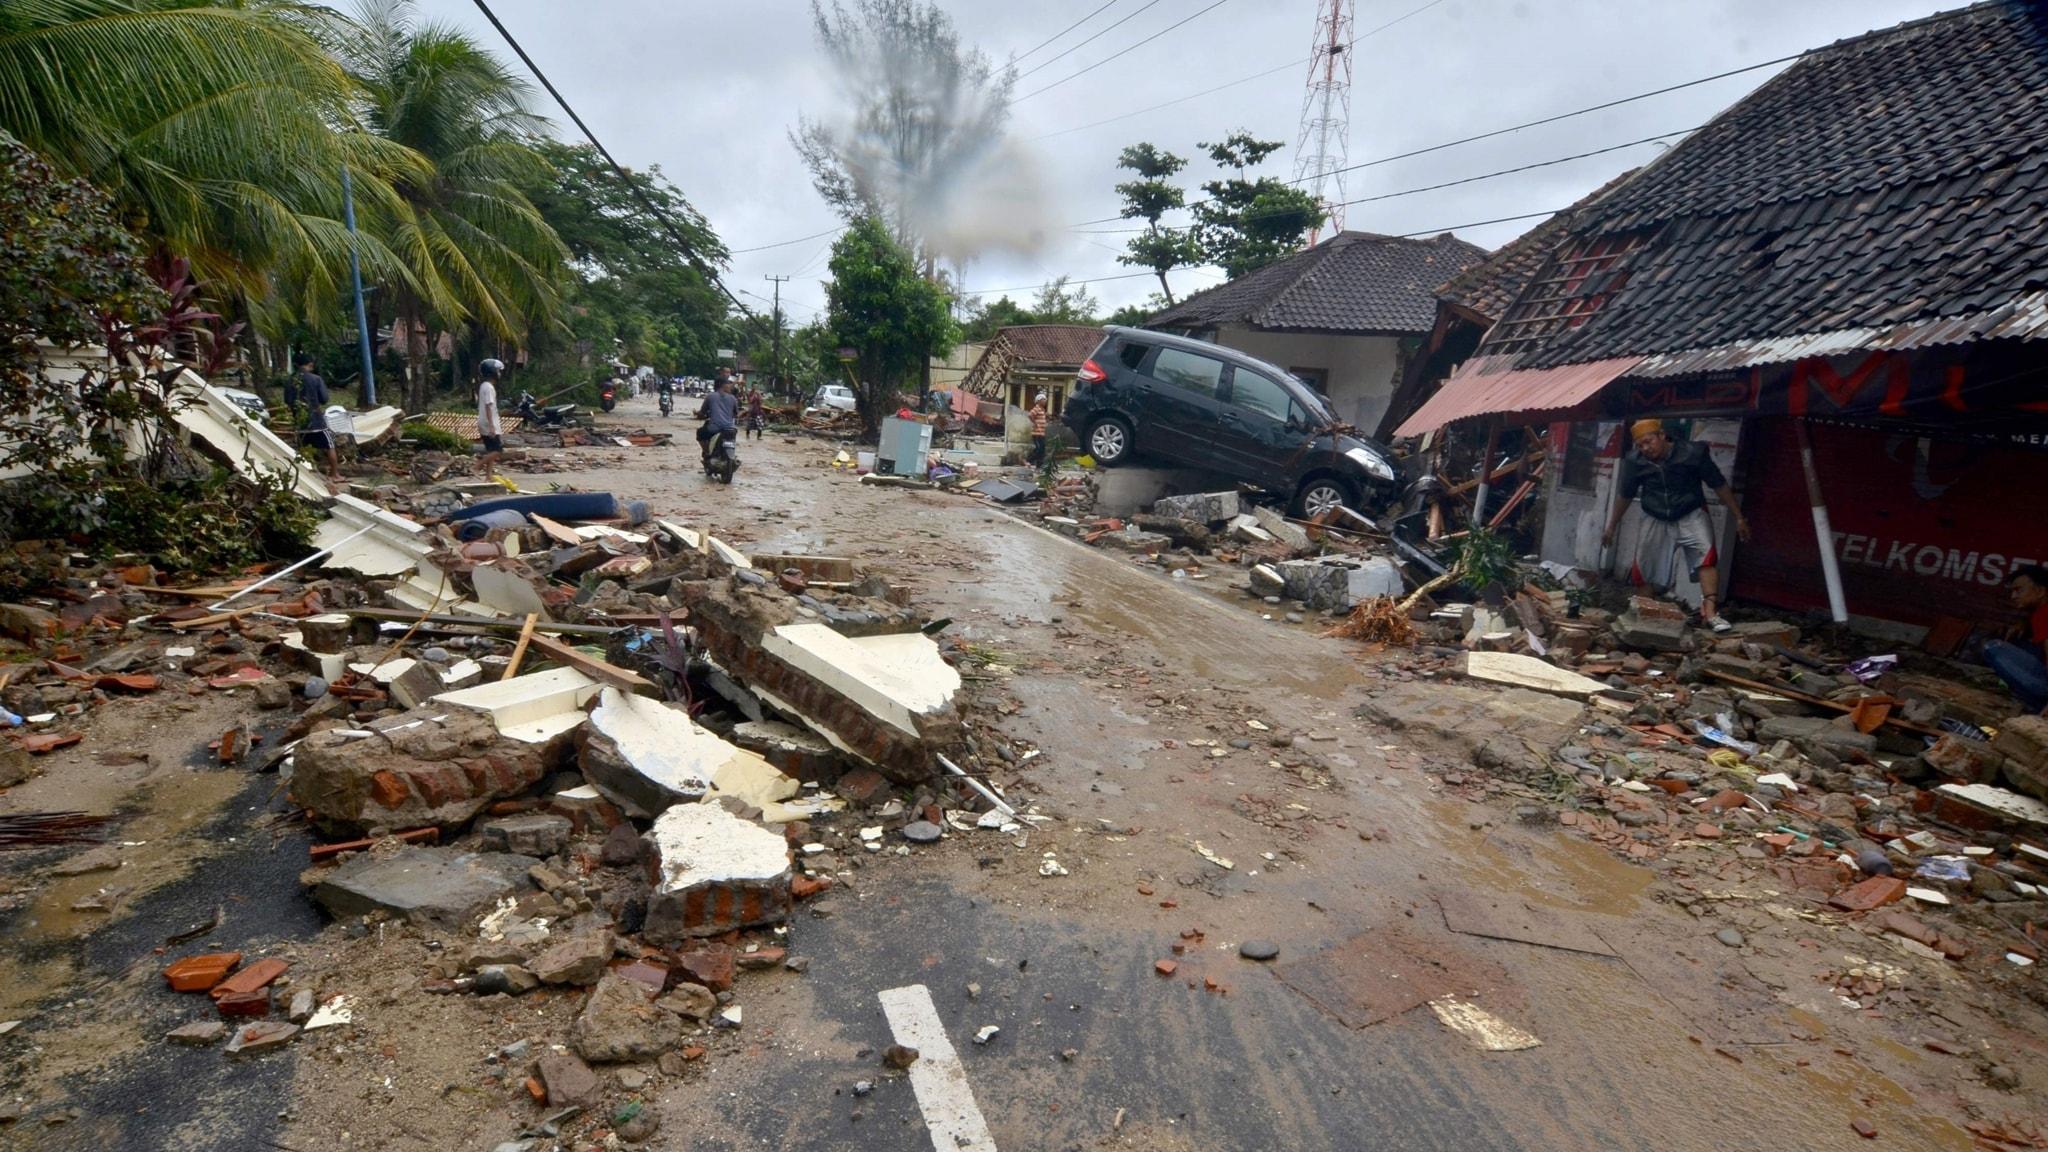 Dödssiffran stiger efter Tsunami i Indonesien